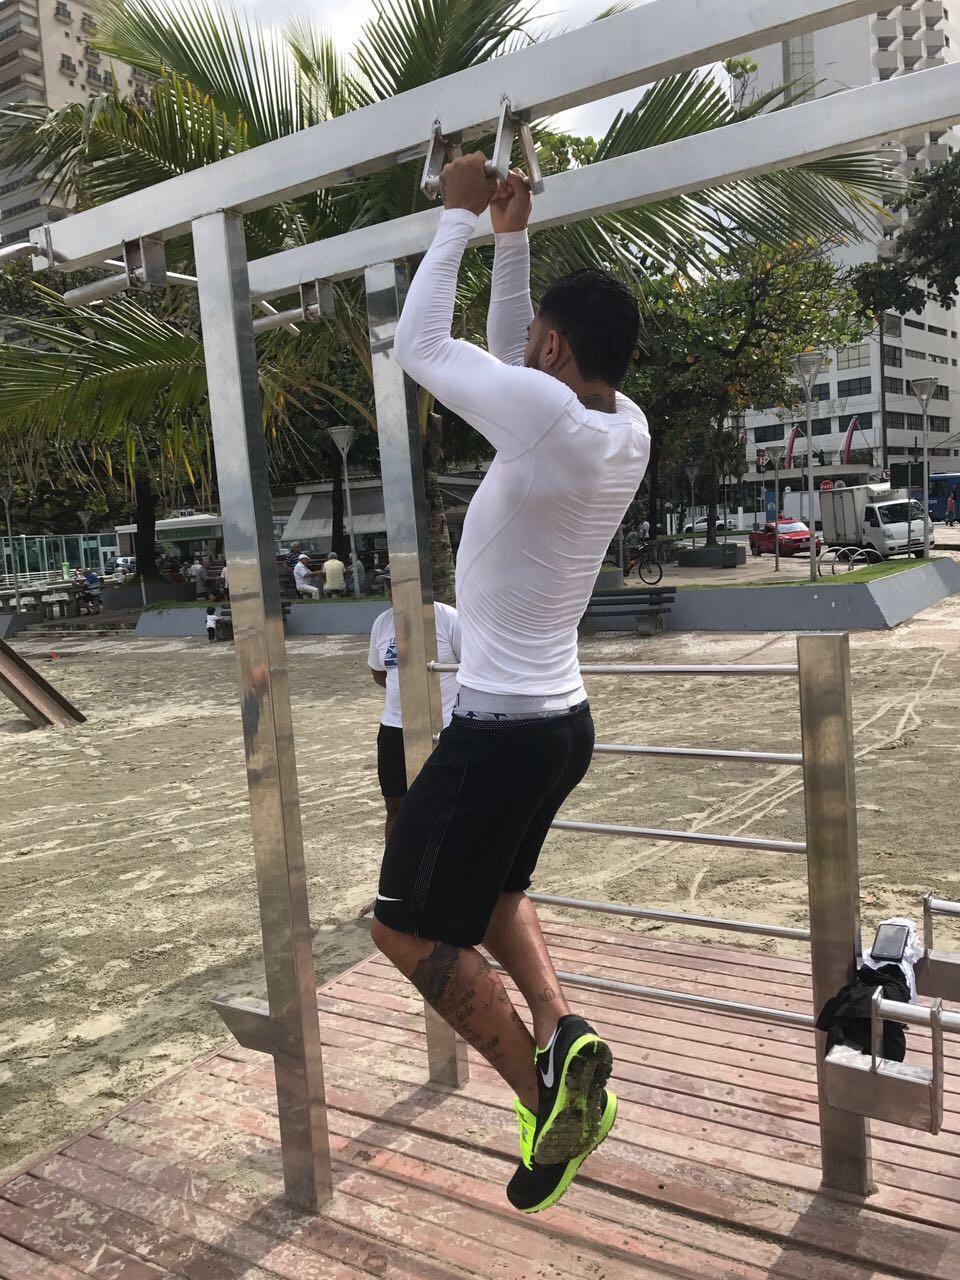 BLOG: Saudade? De férias, Gabigol aproveita para treinar na praia de Santos